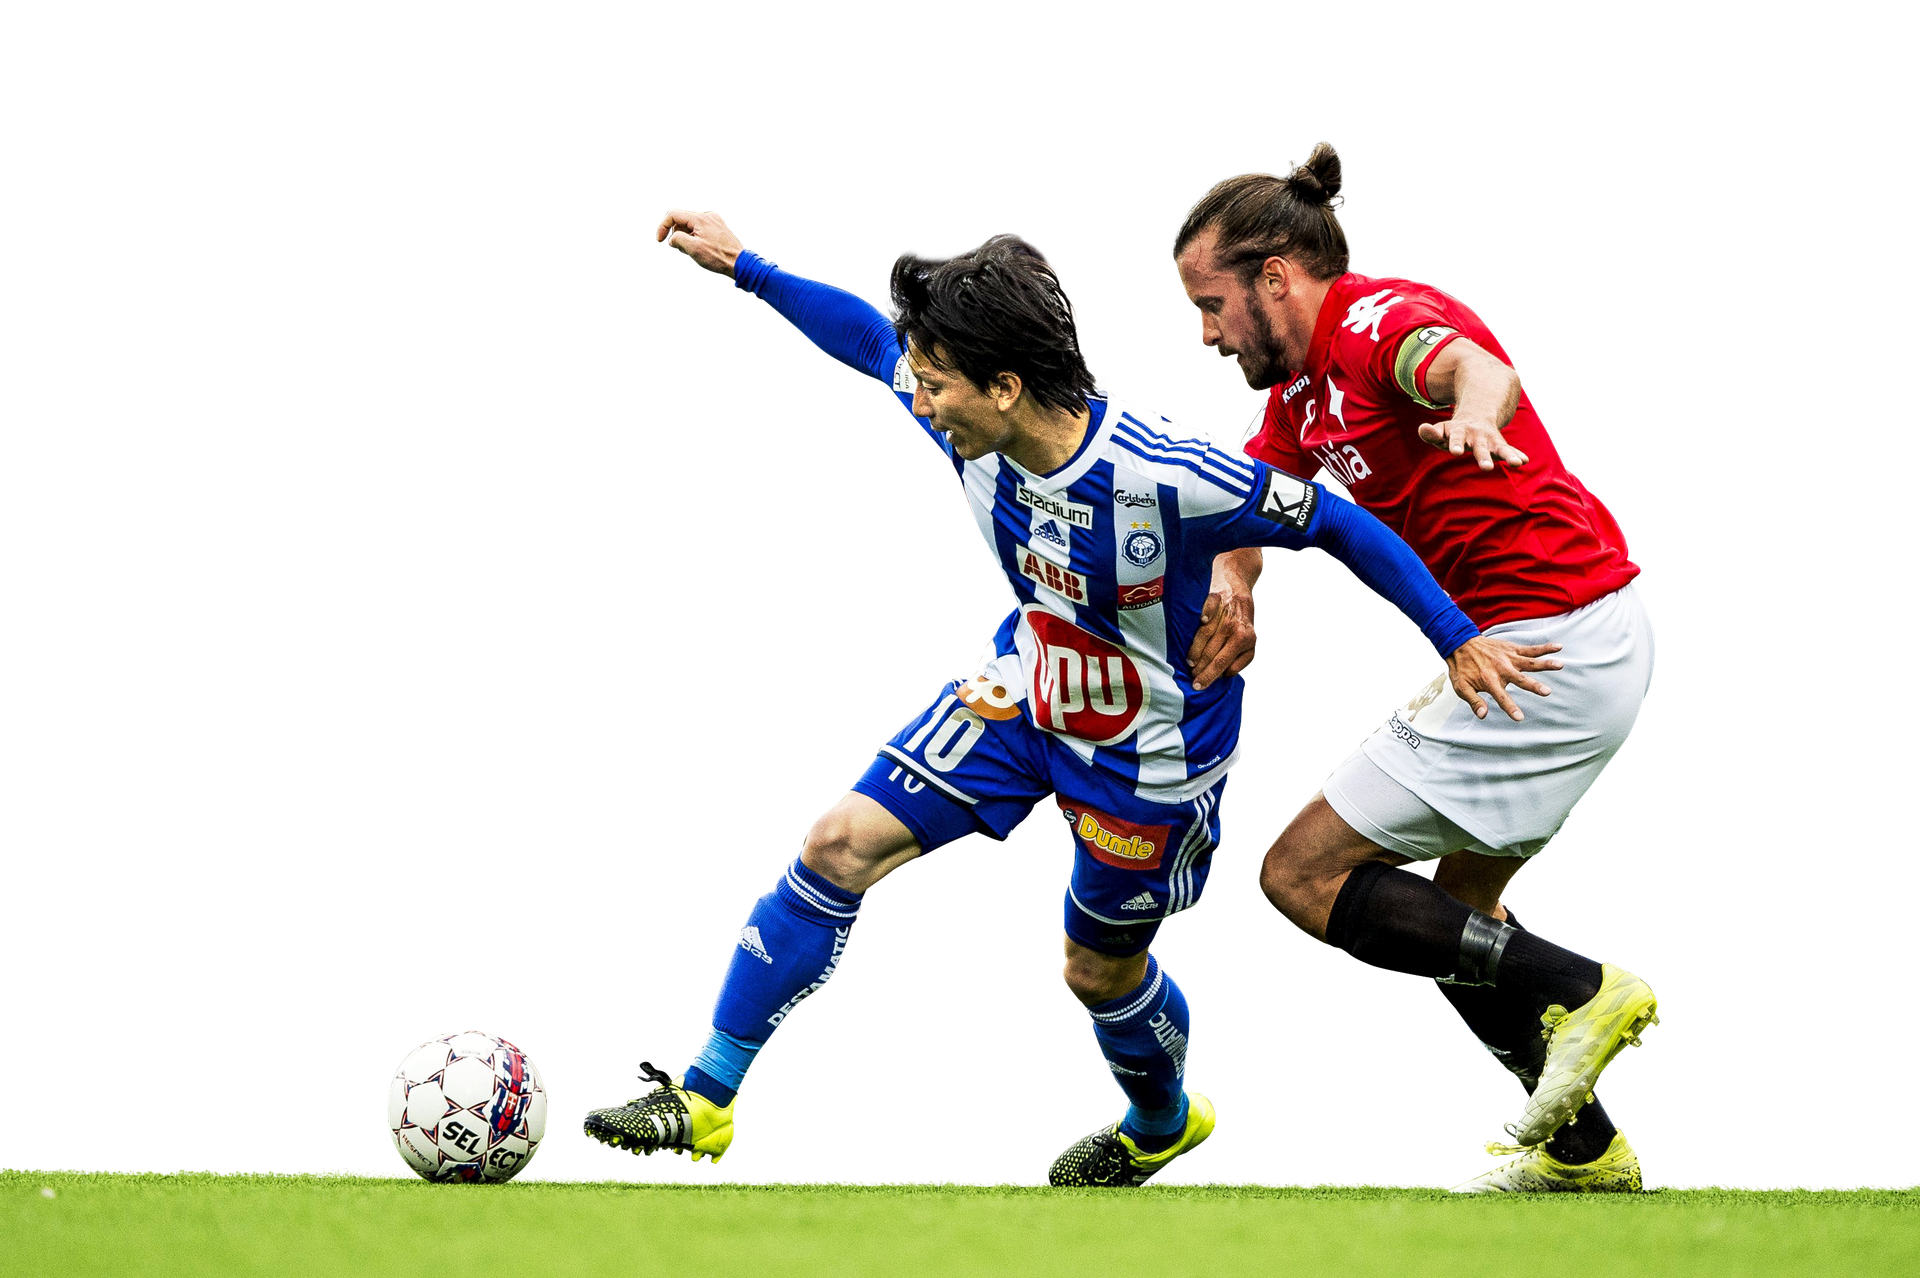 HJK:n Atomu Tanaka ja HIFK:n Jukka Halme (oik.) ovat joukkueidensa taistelutahdon ruumiillistumia, ja todennäköinen kamppailupari, mikäli pelaajat ovat yhtäaikaa kentällä.